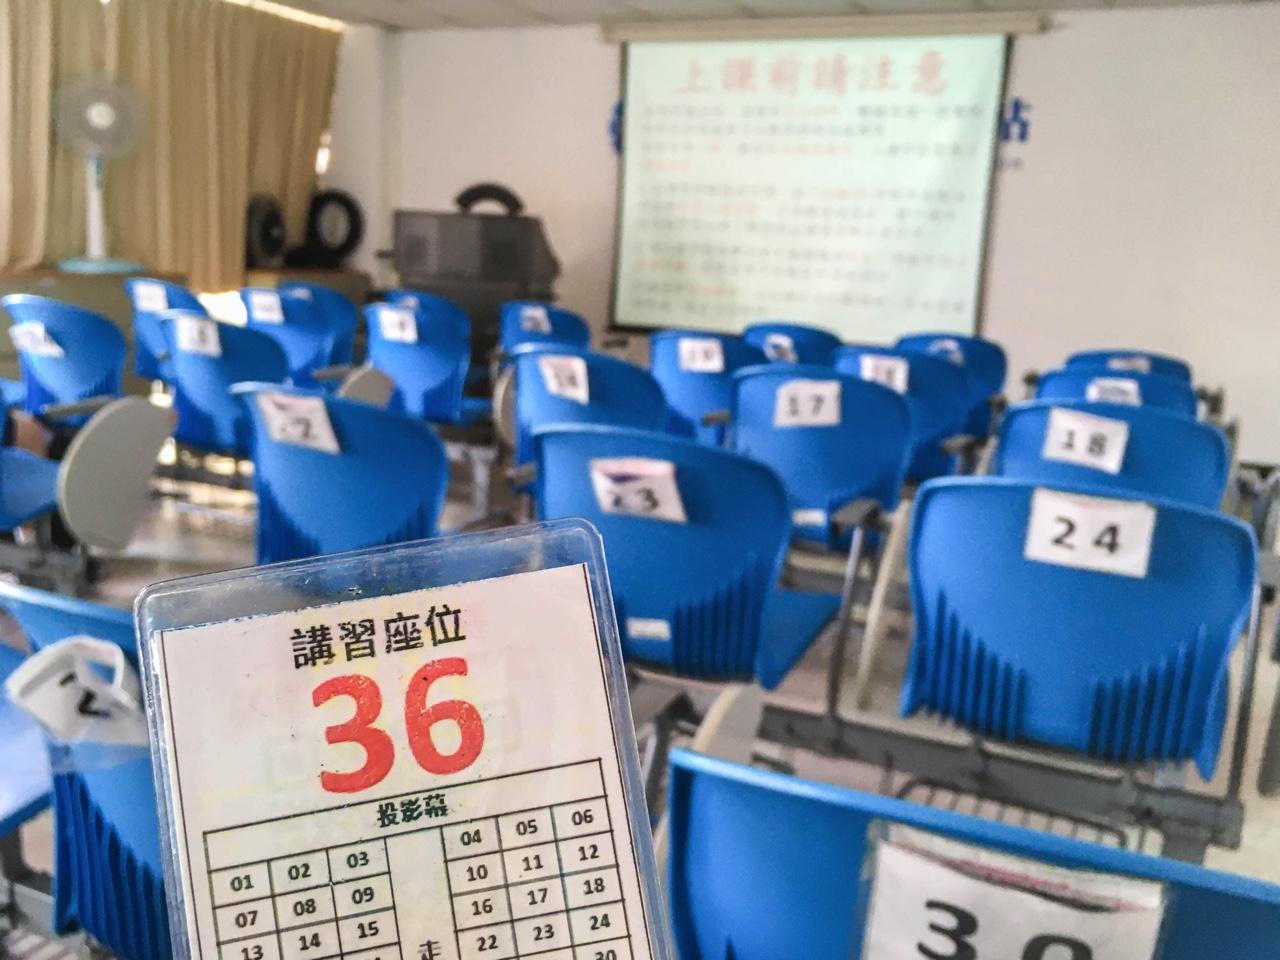 士林監理站の安全講習教室